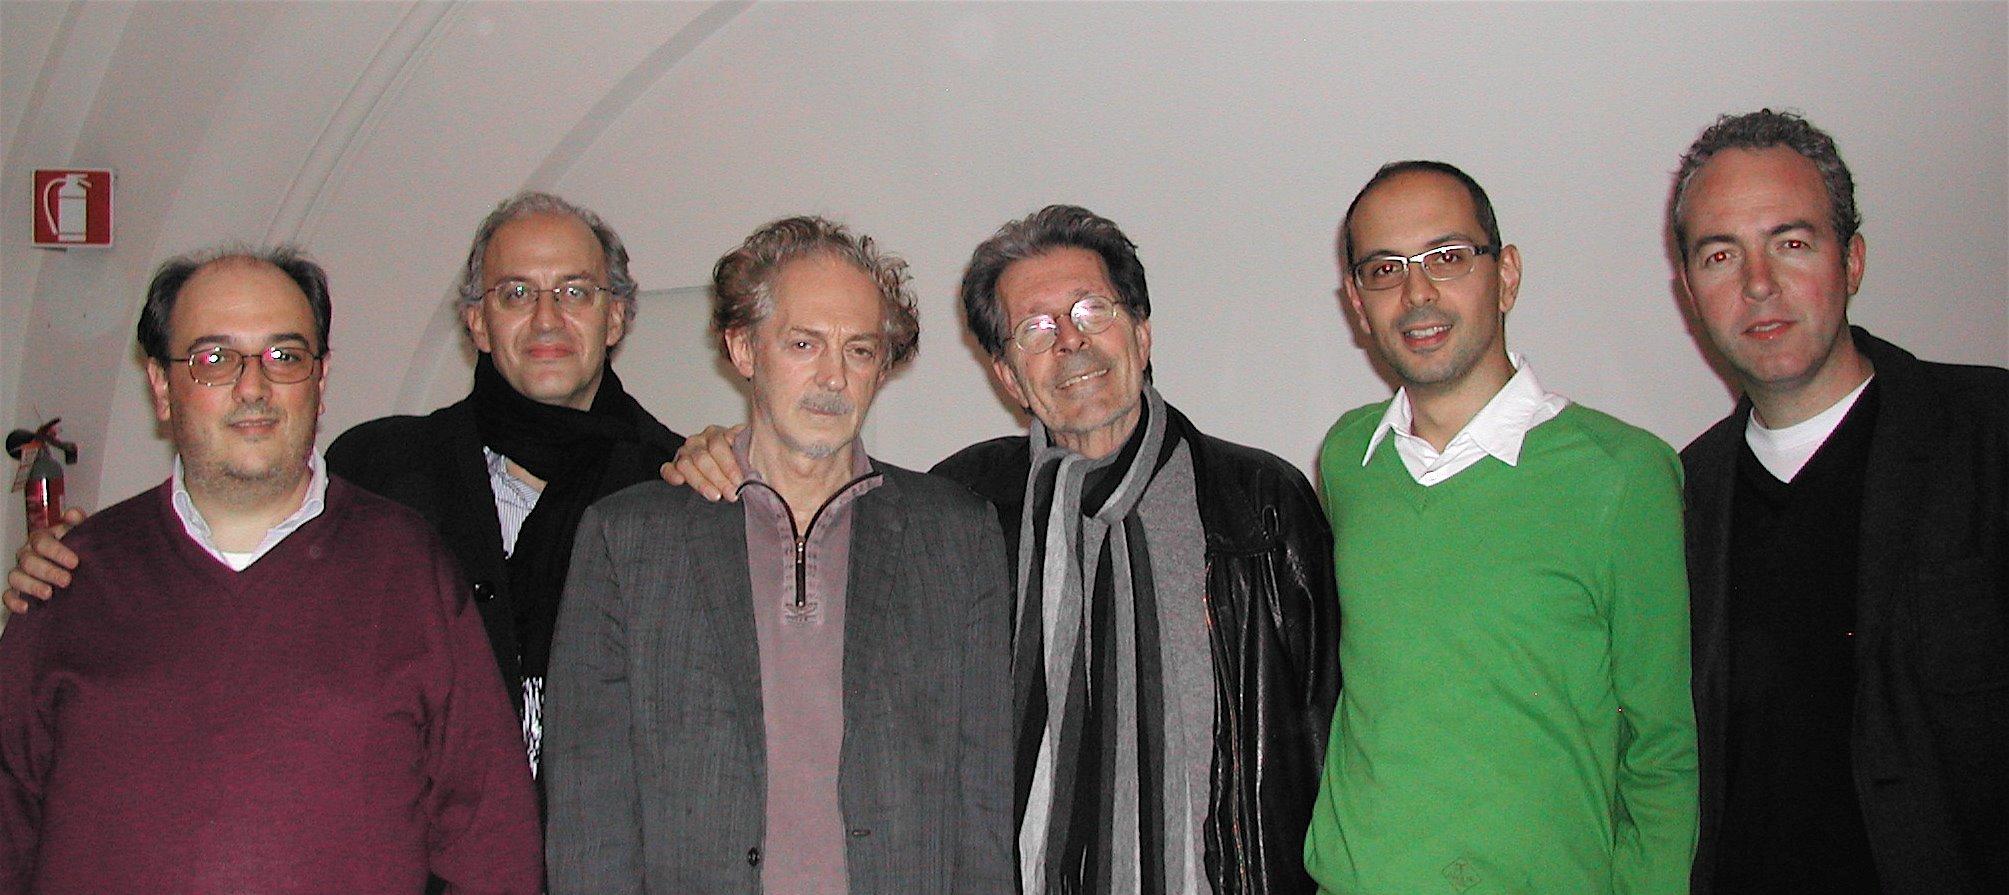 Da sinistra: Enrico De Vivo, Massimo Rizzante, Ermanno Cavazzoni, Gianni Celati, Stefano Zangrando, Walter Nardon